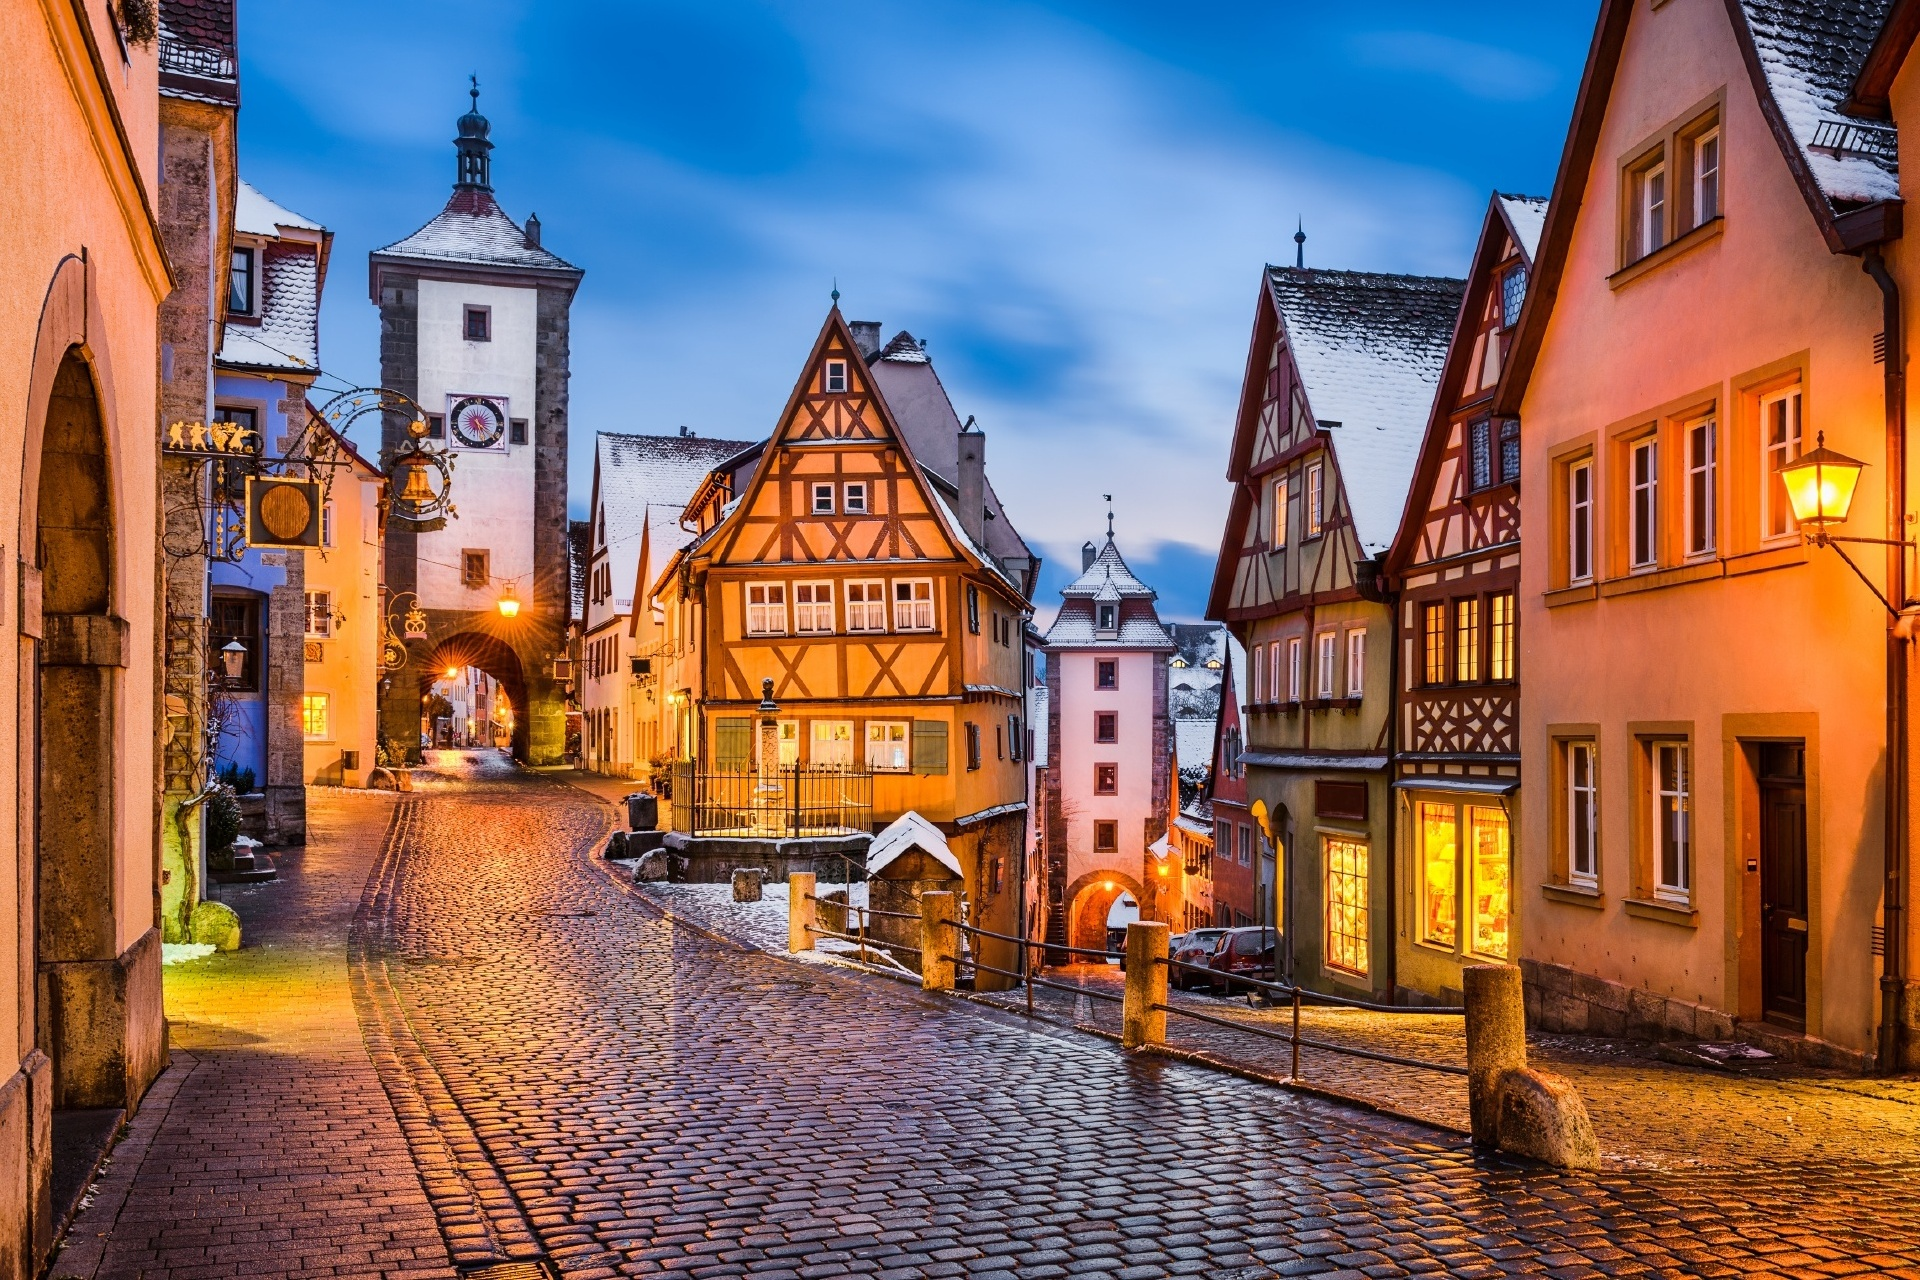 ドイツ 中世の町ローテンブルク・オプ・デア・タウバーの夜の風景